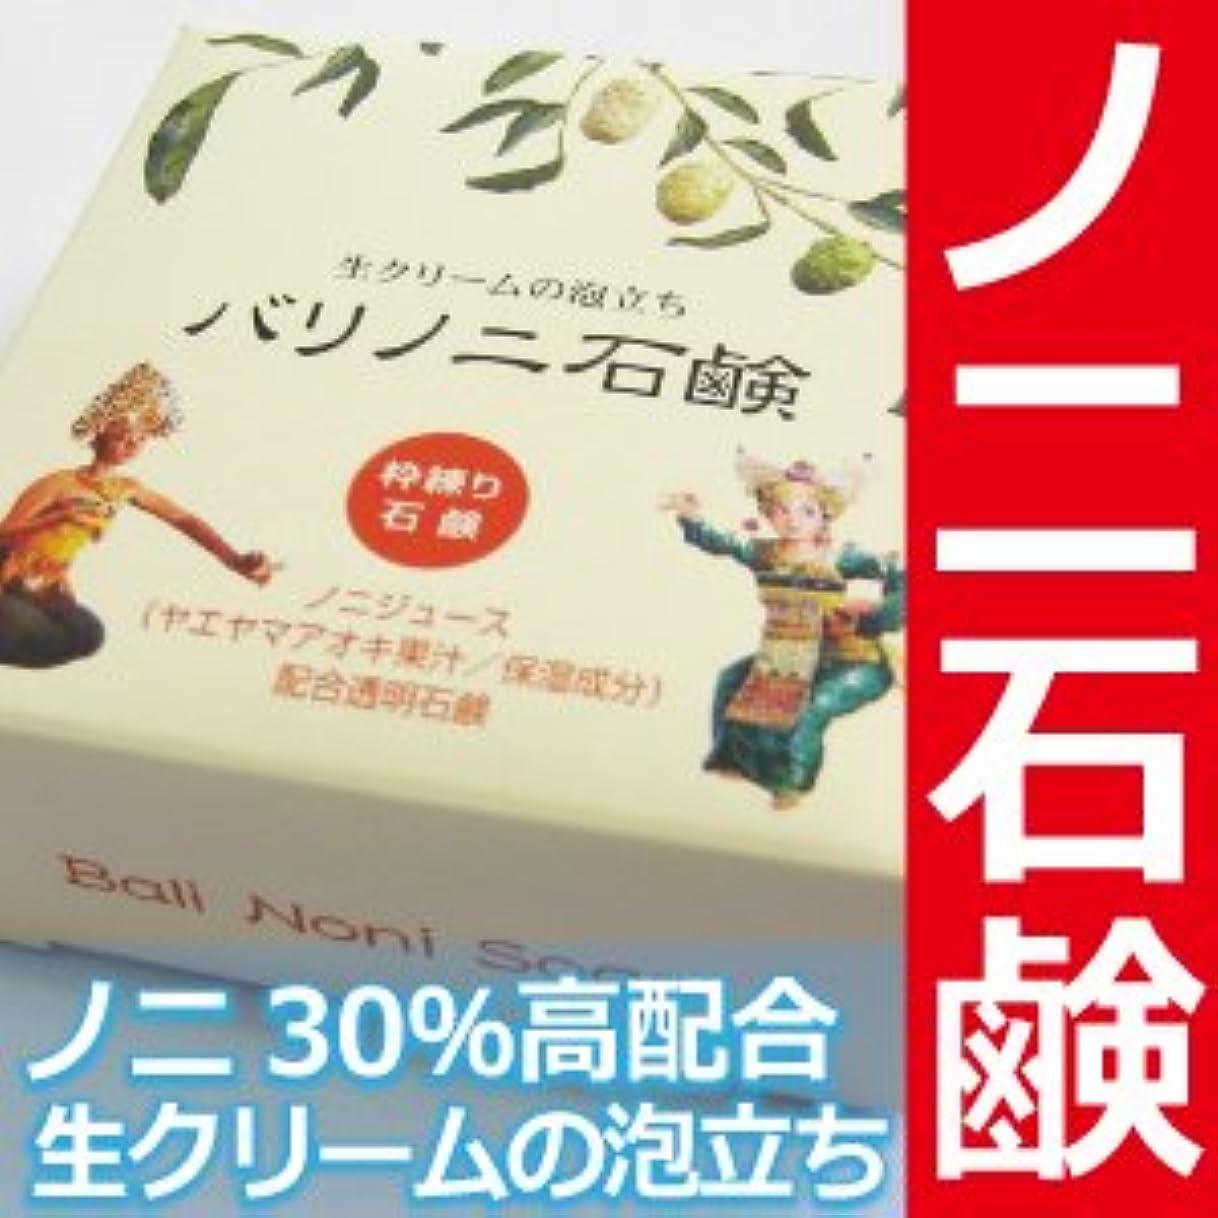 パーティー特別な役立つノニ30%の高配合枠練り石鹸 もっちり生クリームの泡立ち バリノニ石鹸(枠練り) 90g